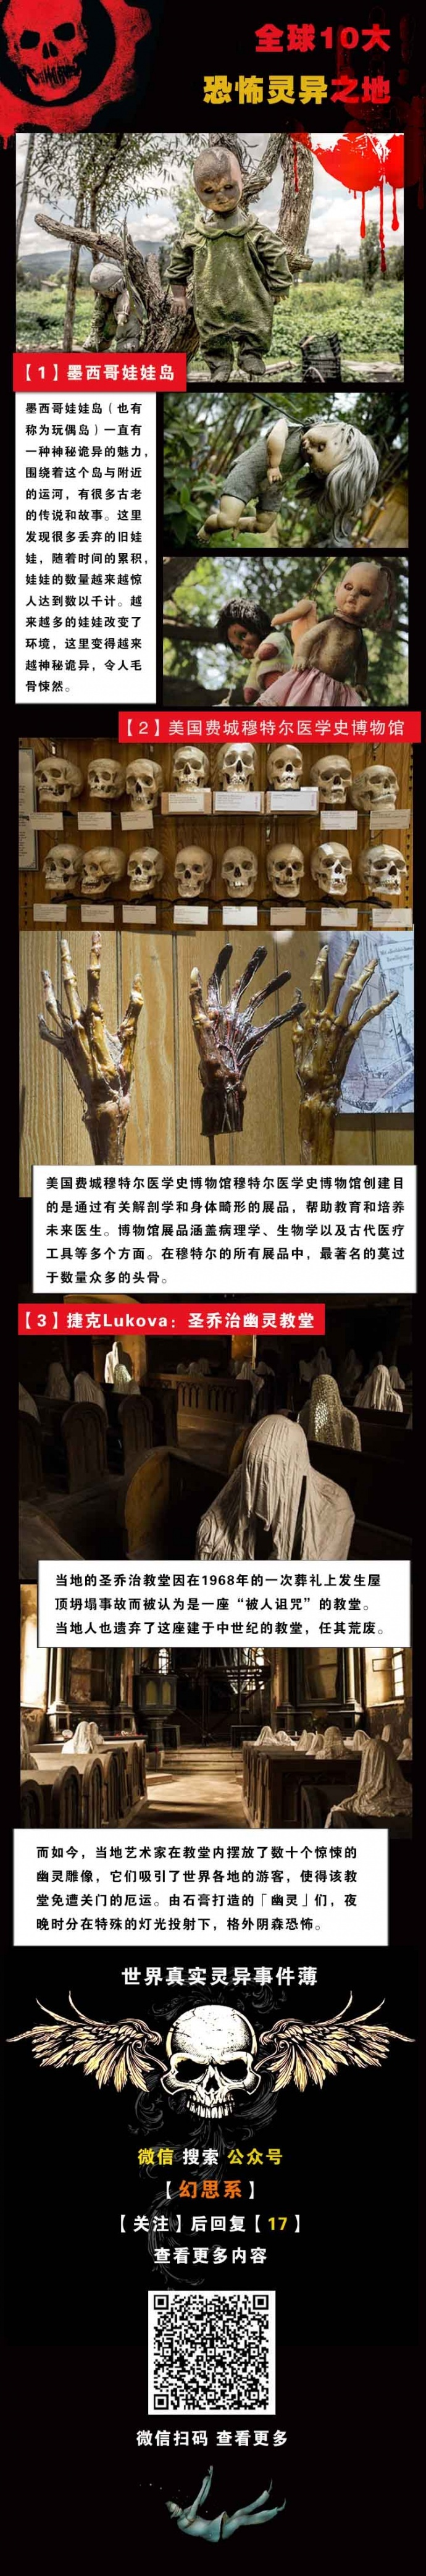 【推荐】万圣节:世界10大最灵异恐怖地点